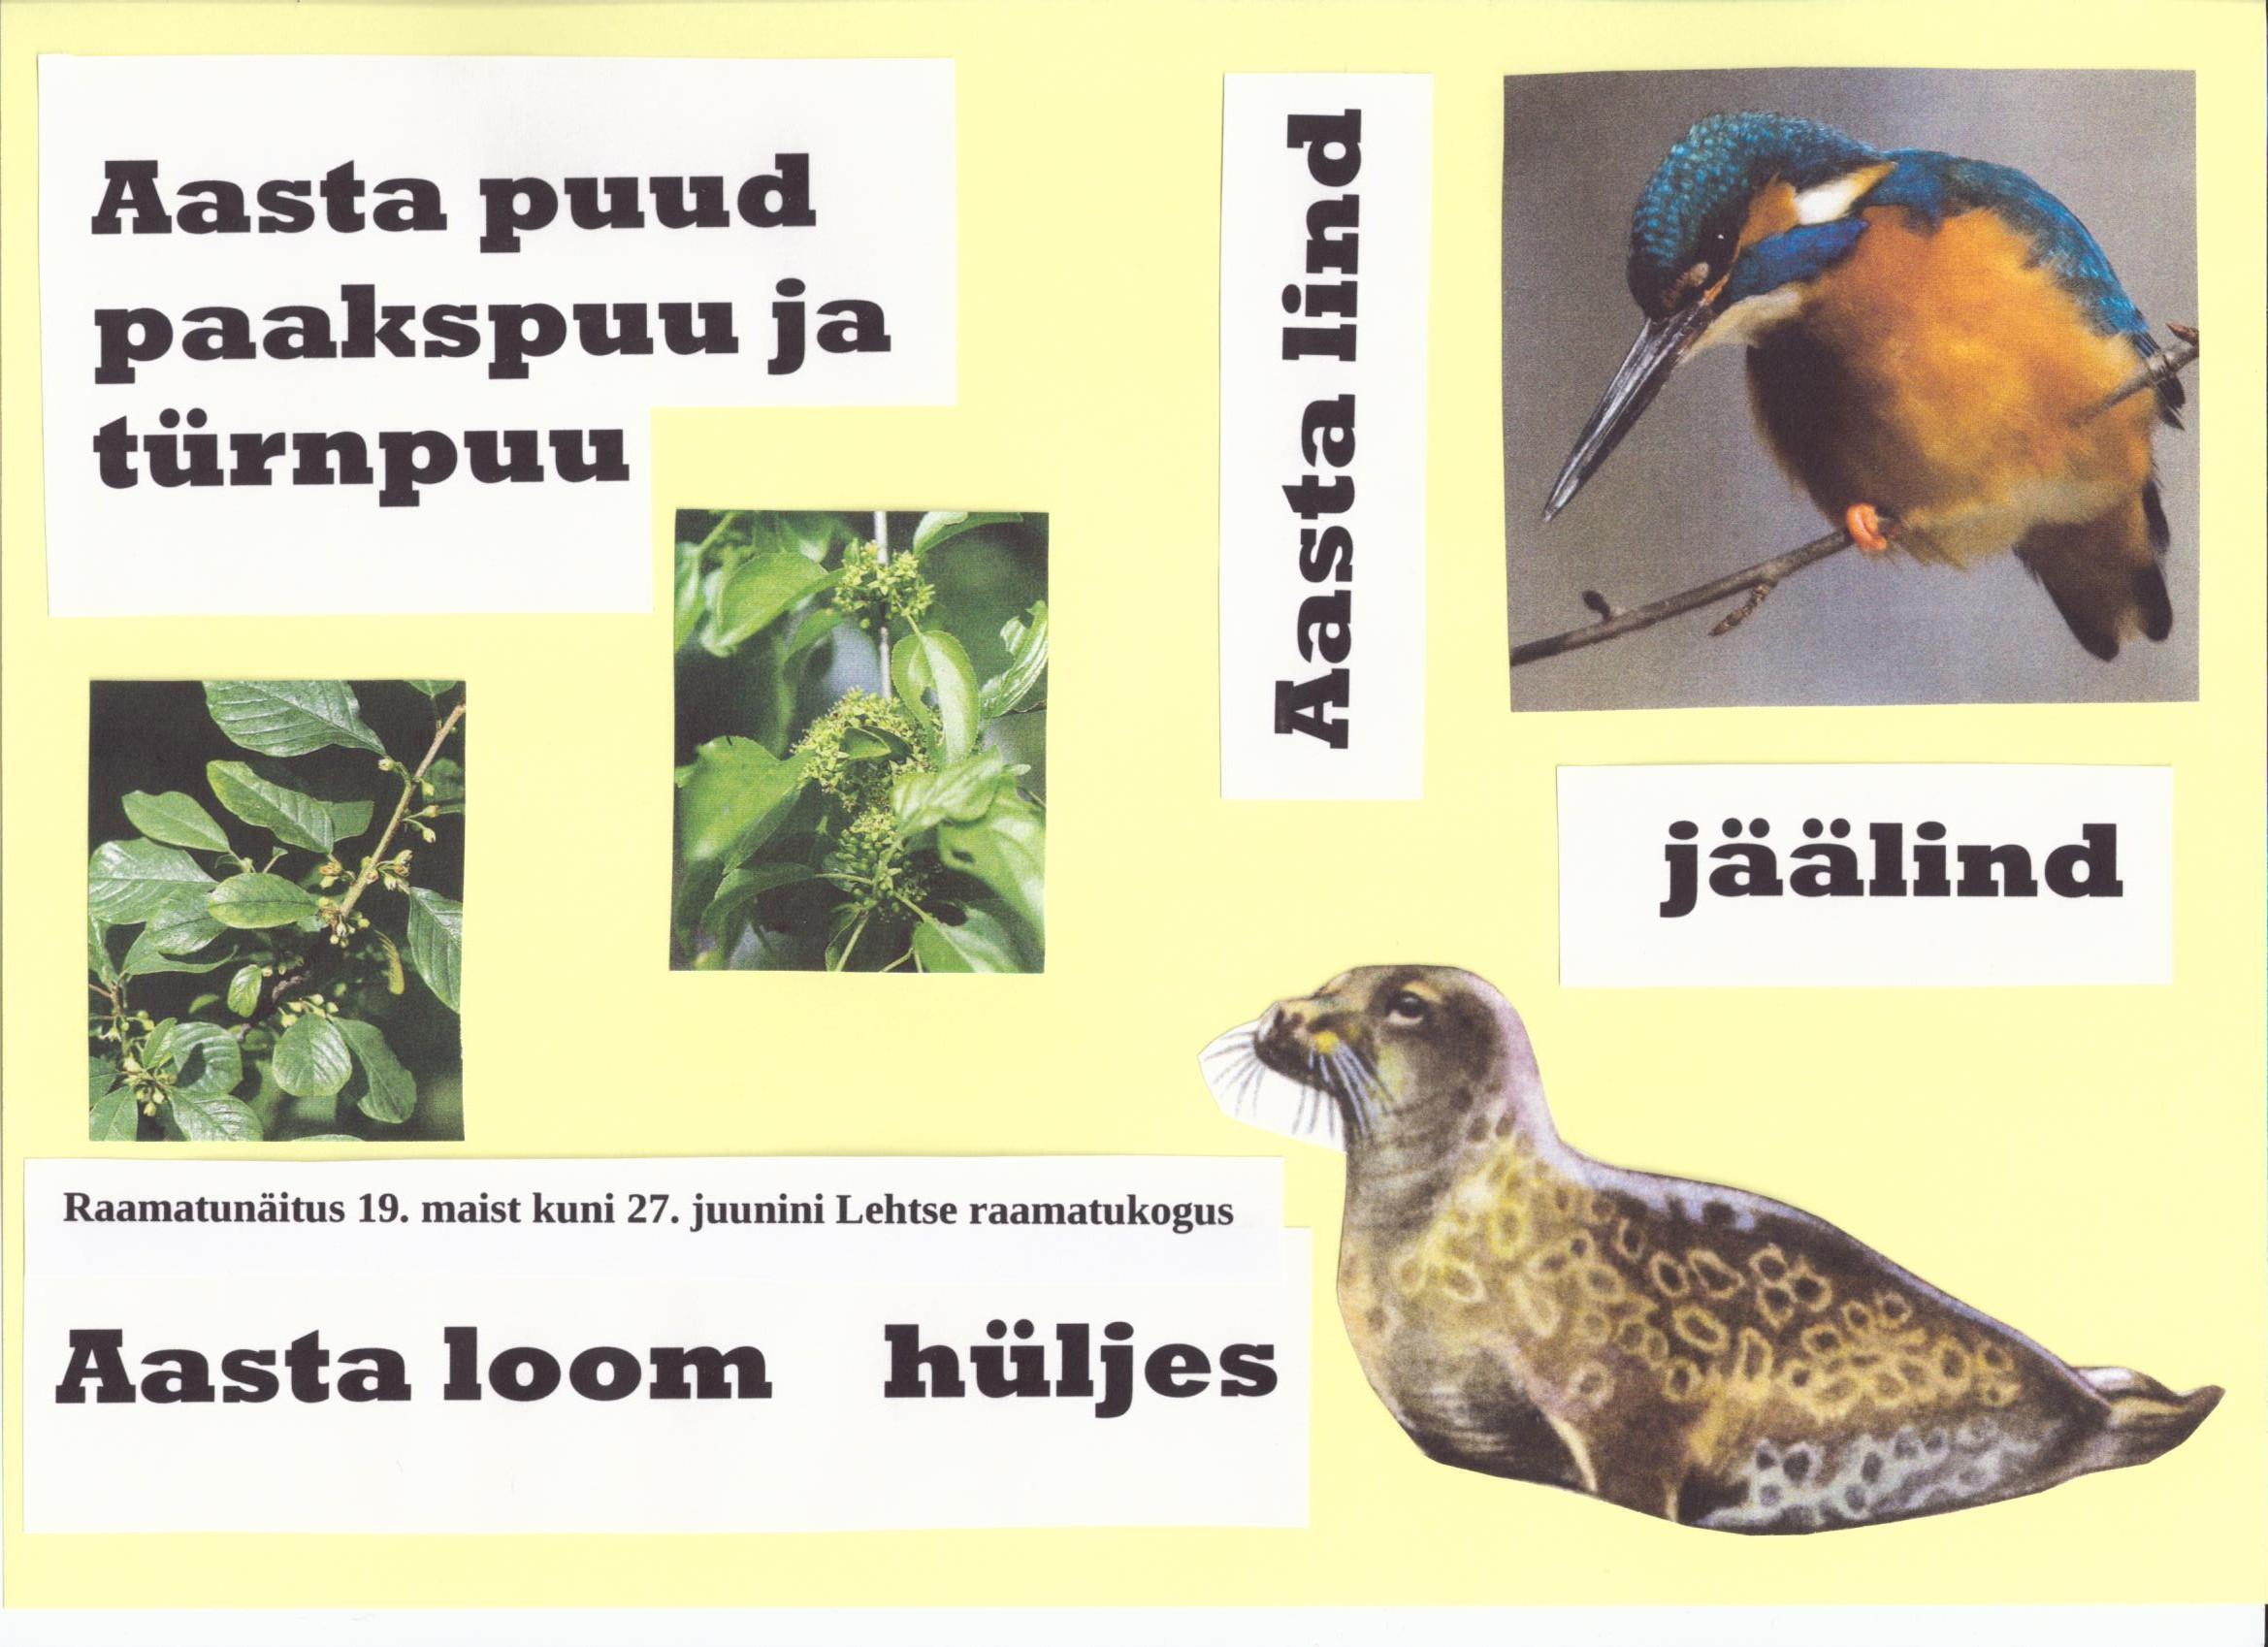 Aasta lind, loom ja puud